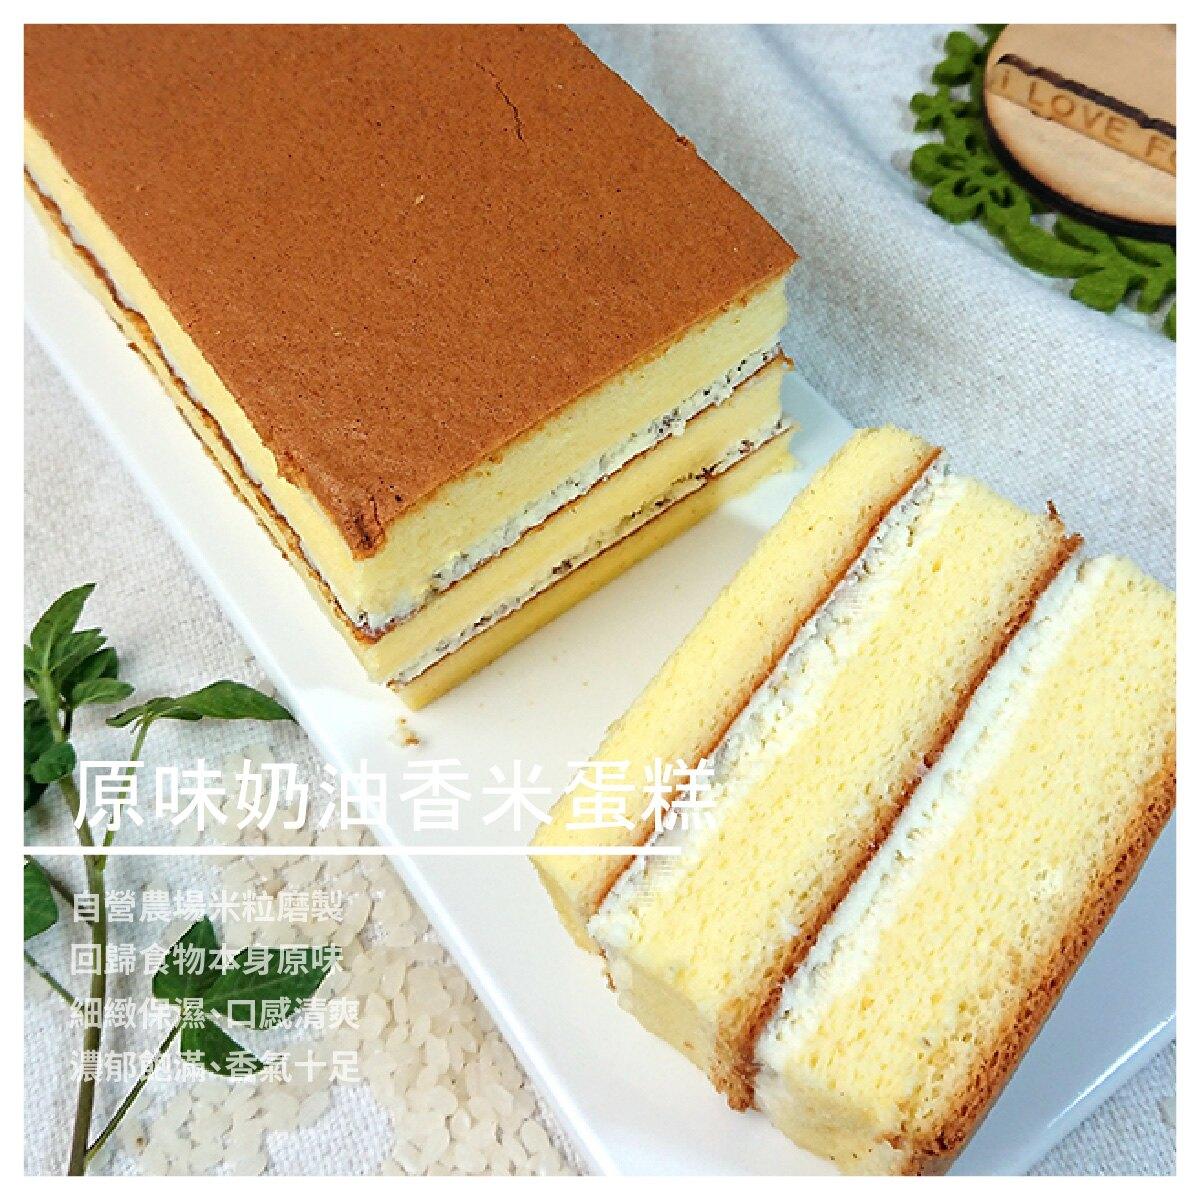 【達克闇黑工場】高個子禾穀米烘焙系列-原味奶油香米蛋糕/條